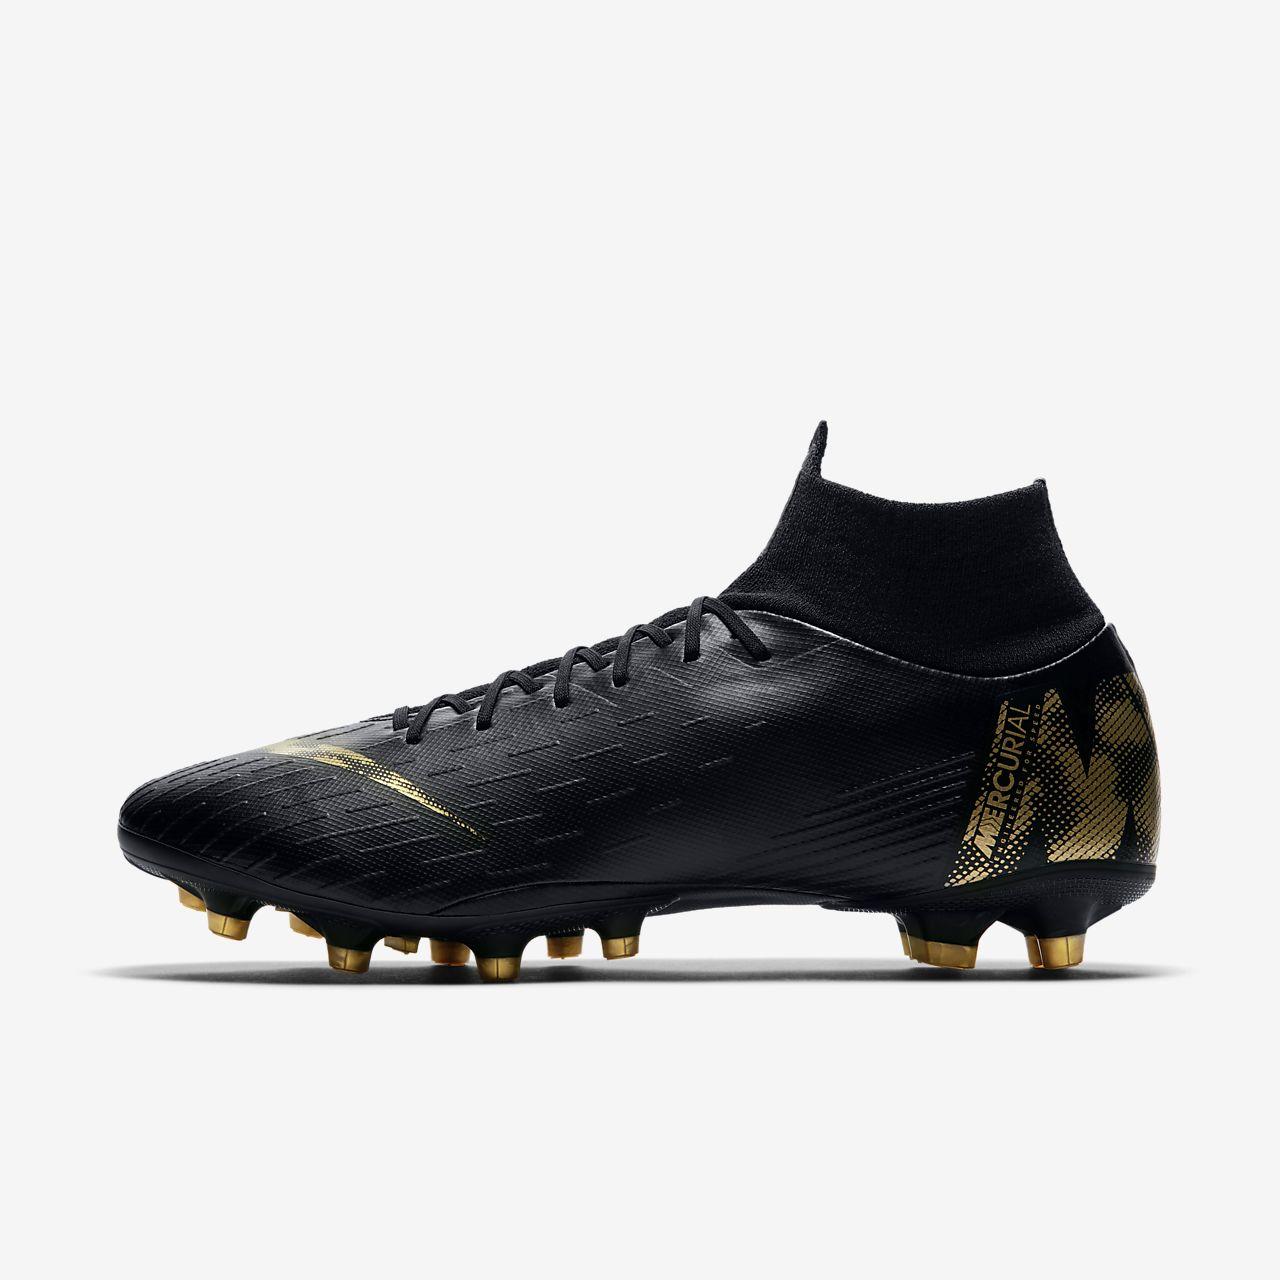 Fotbollsko för konstgräs Nike Mercurial Superfly VI Pro AG-PRO